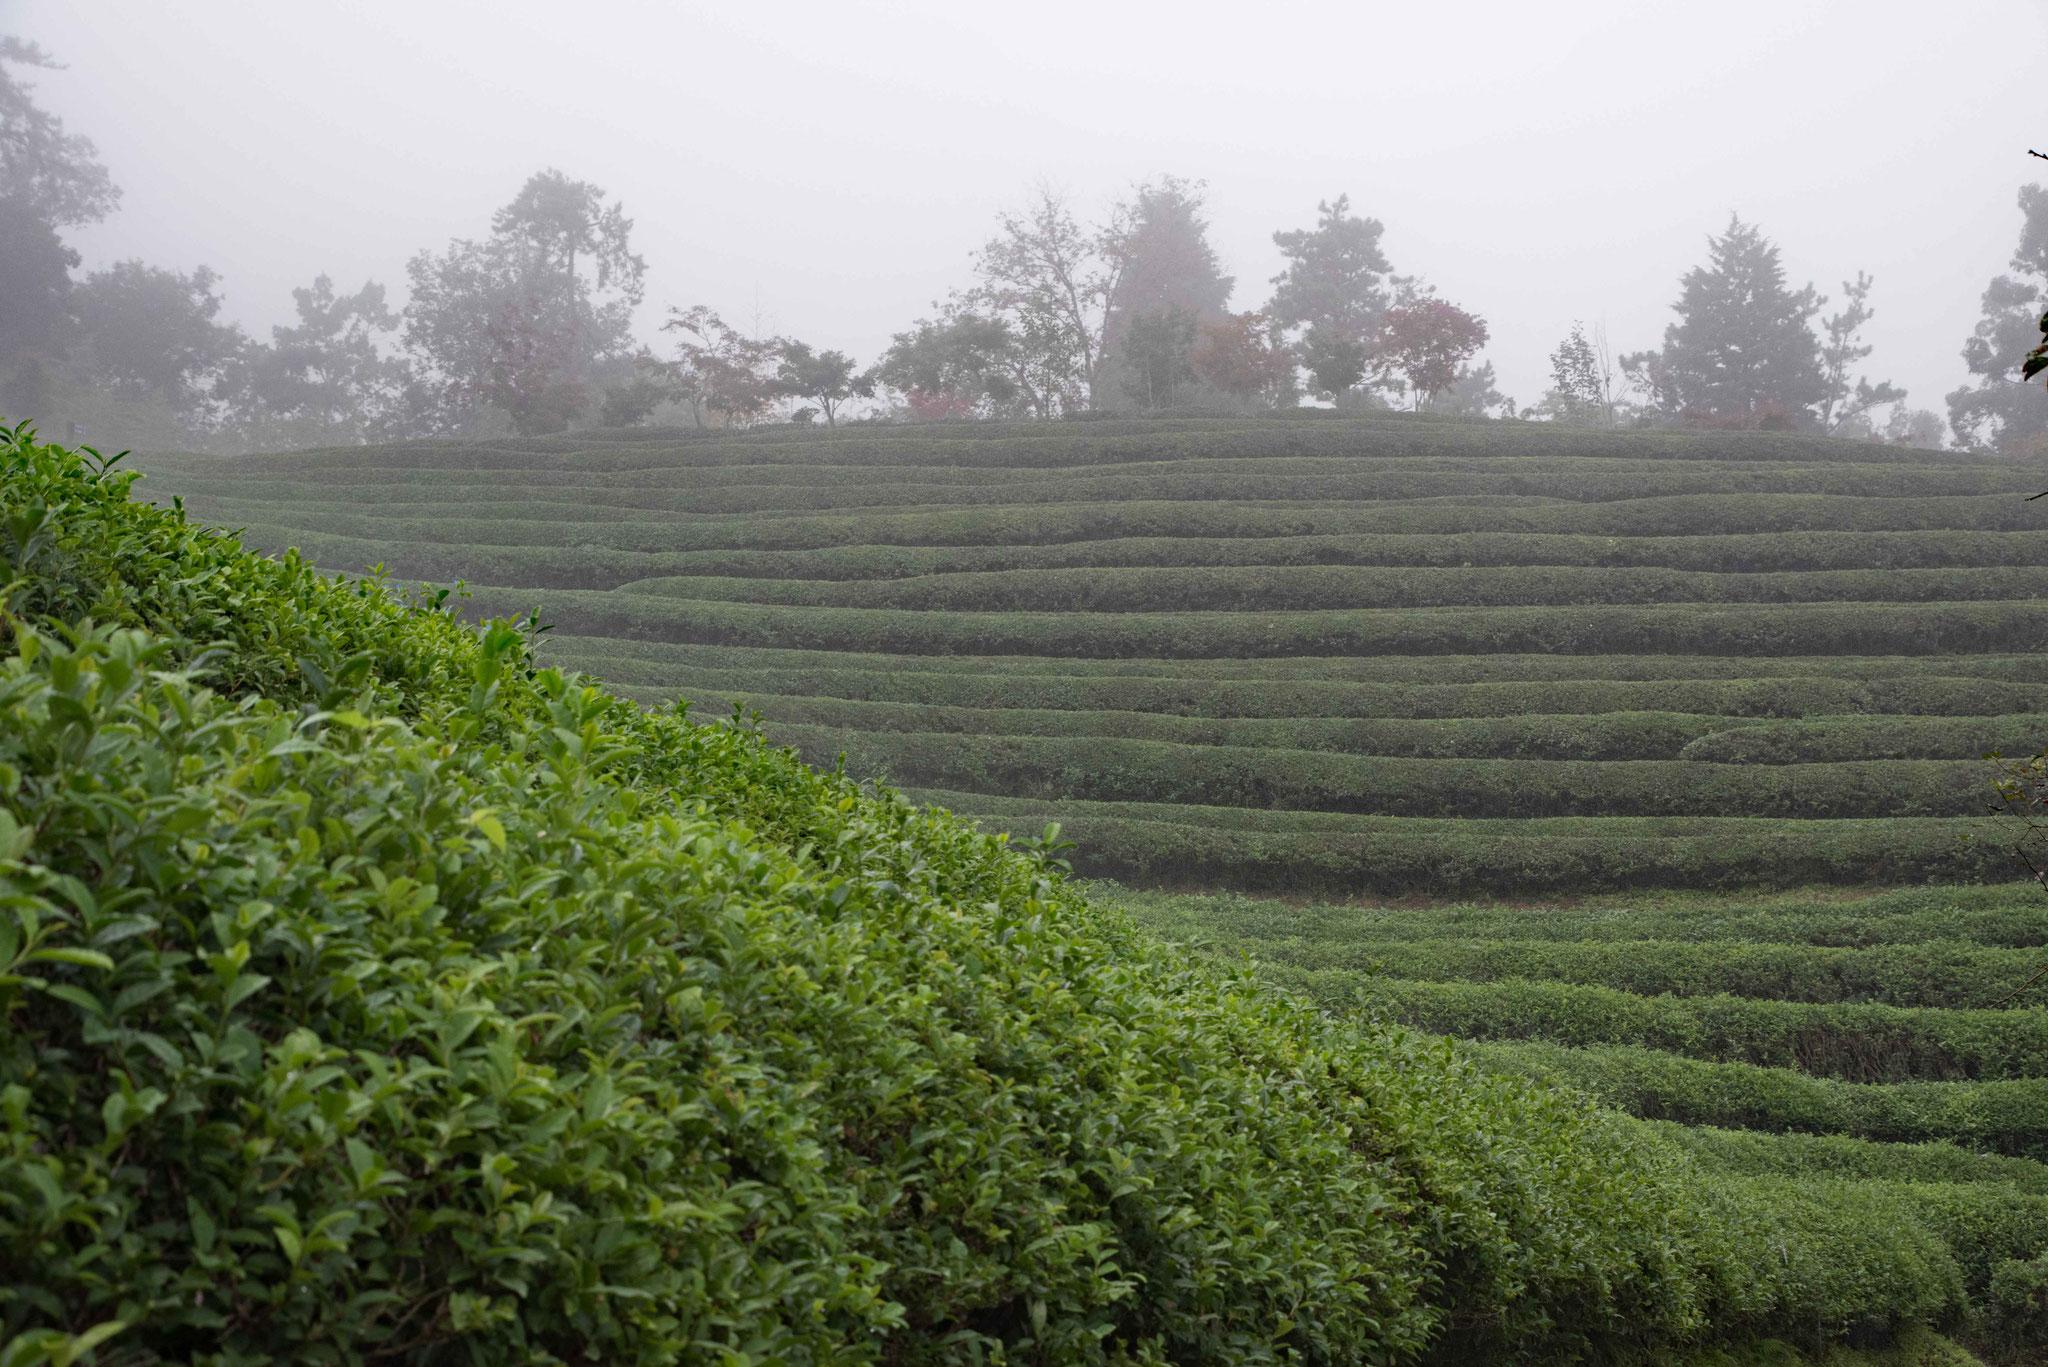 Ohne Regen und Nebel wäre das Erlebnis sicherlich genial